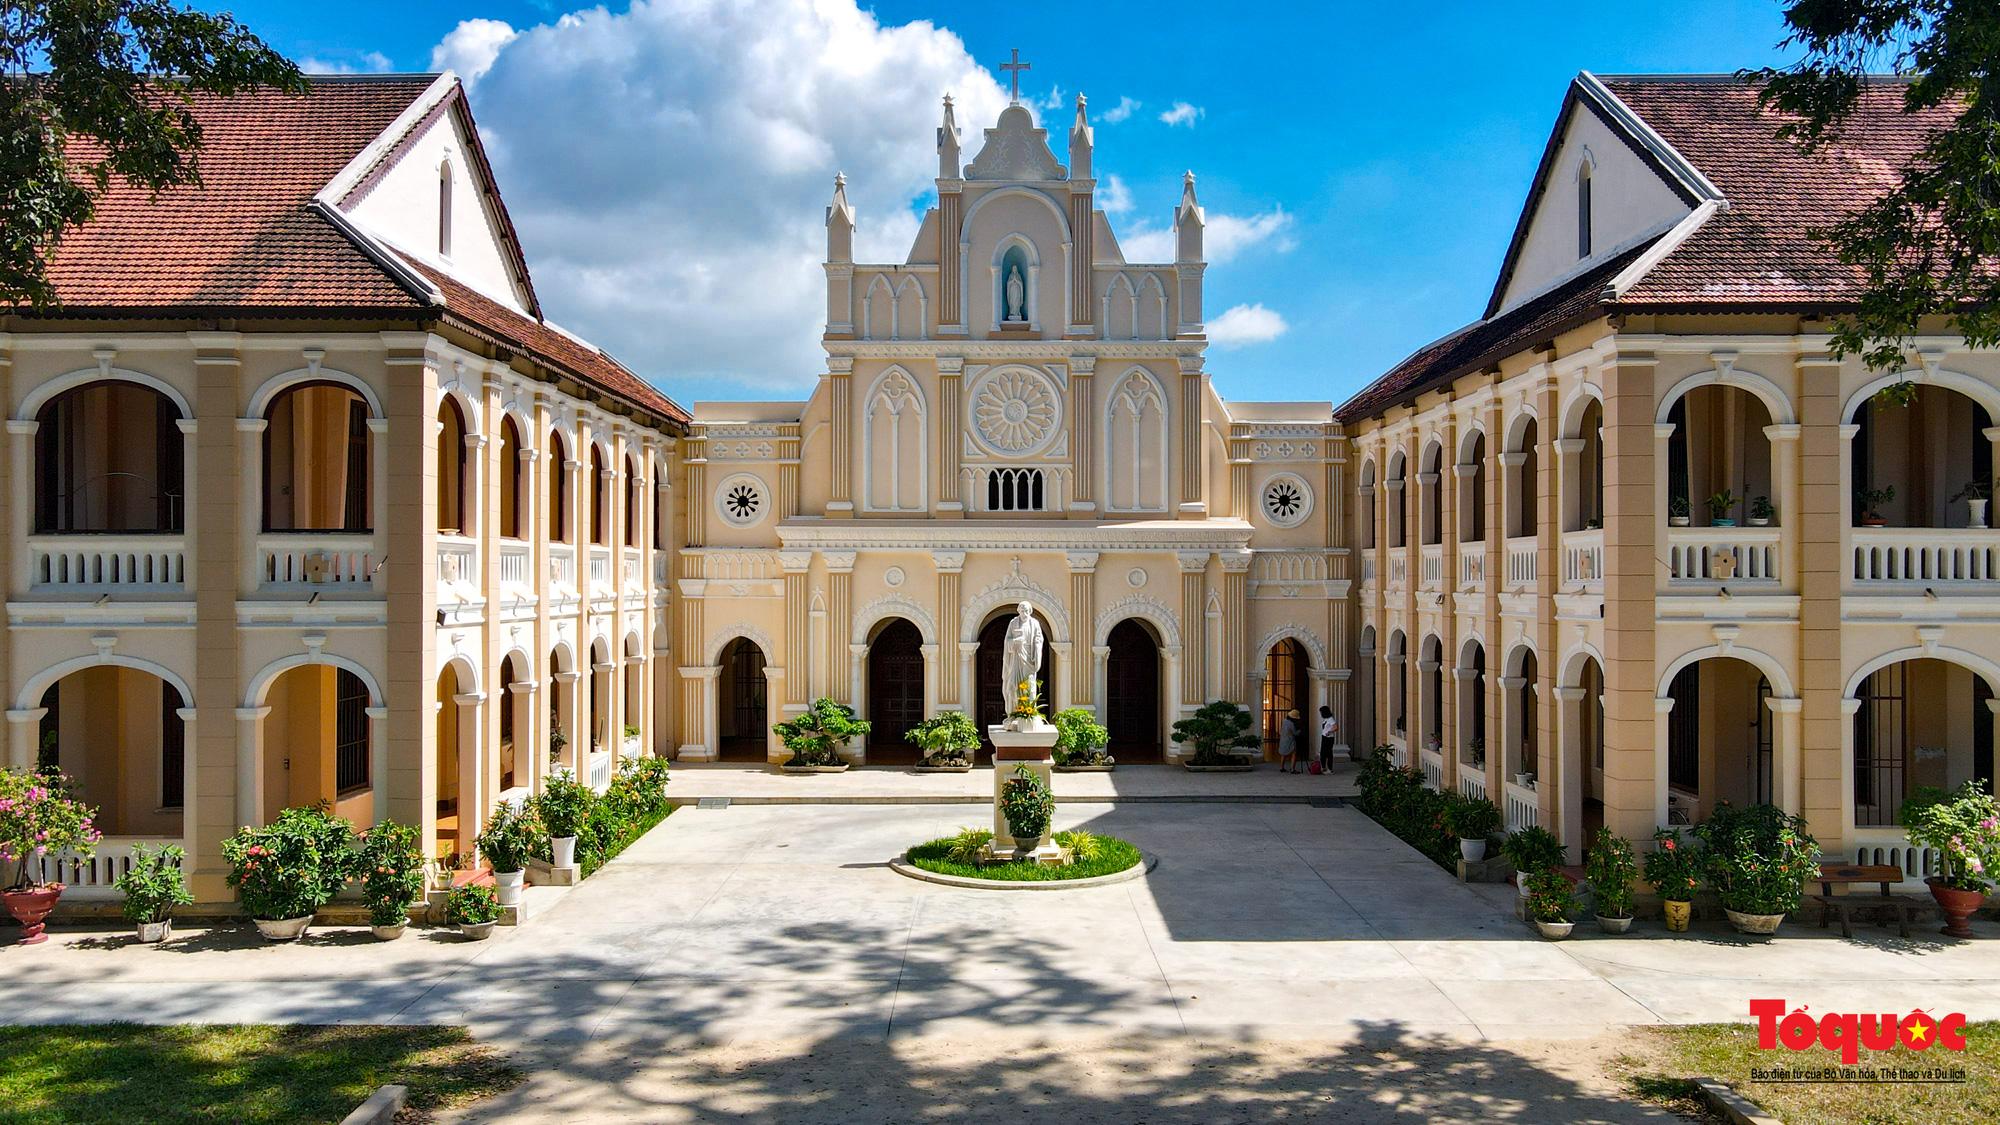 Tiểu Chủng Viện Làng Sông - kiến trúc Gothic tuyệt đẹp giữa đồng quê Việt Nam - Ảnh 5.